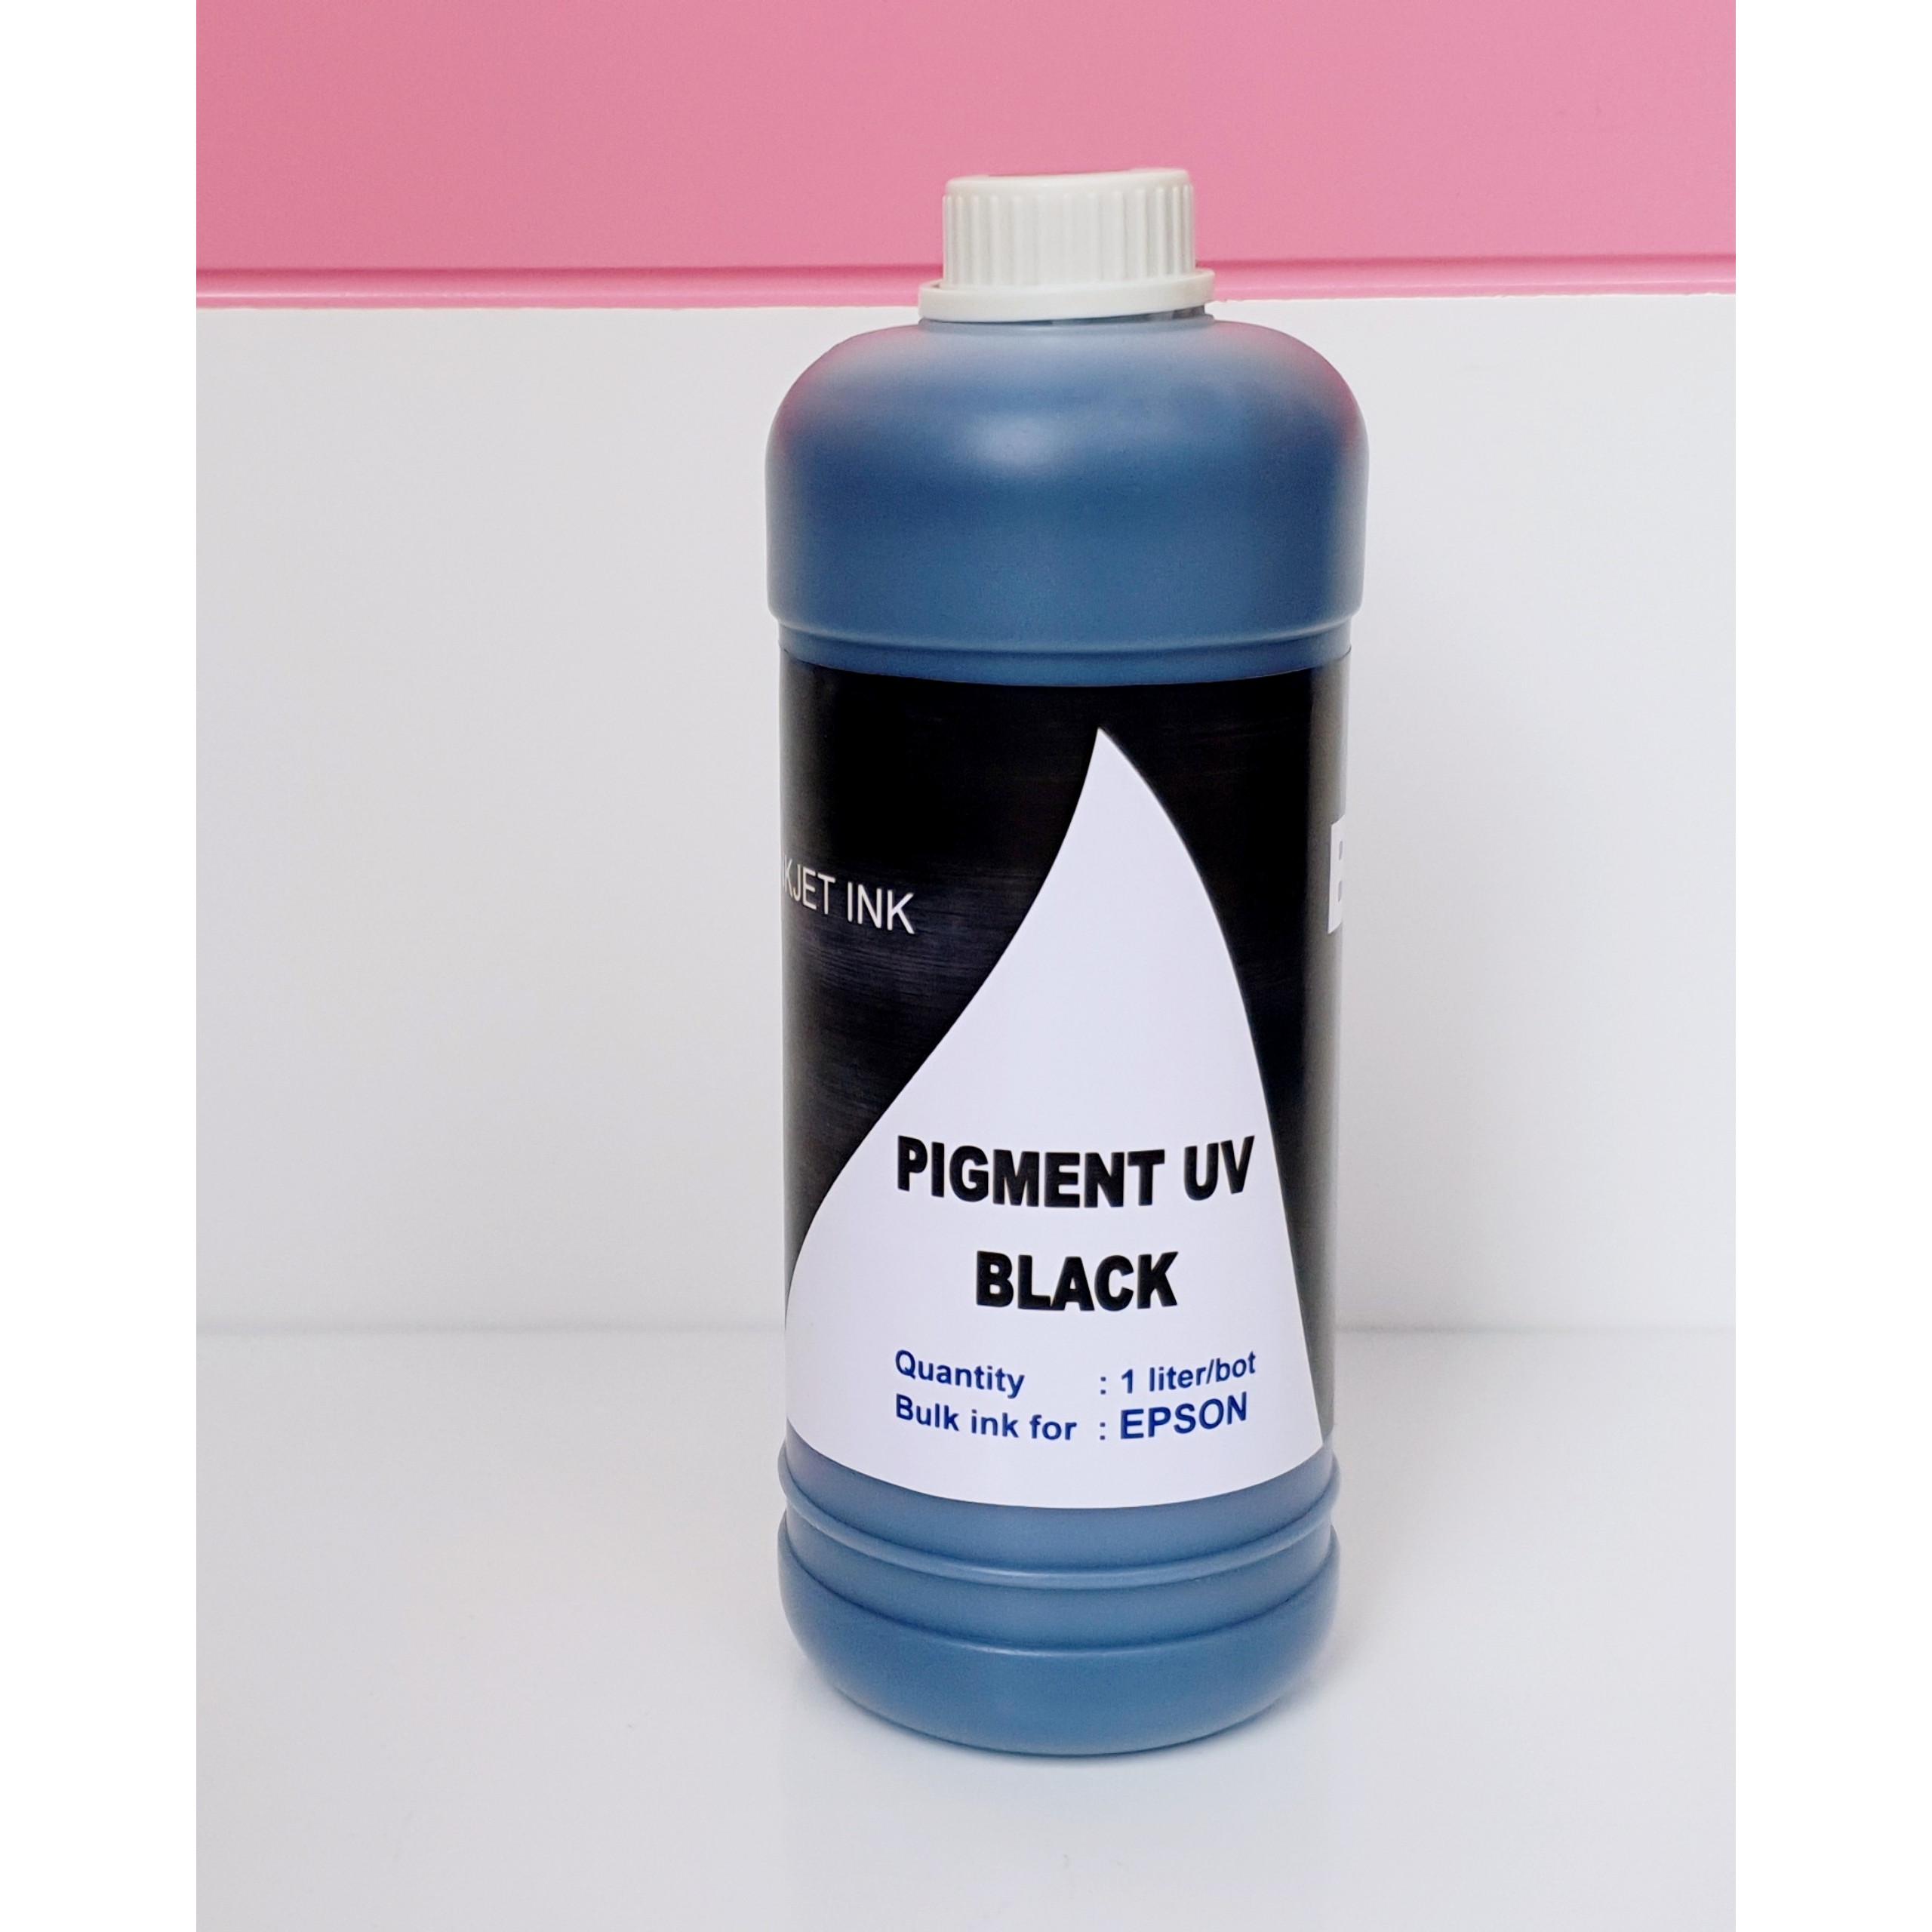 Mực dầu - mực Pigment UV dùng cho máy in phun màu Epson - Mực in Epson Loại 1 lít